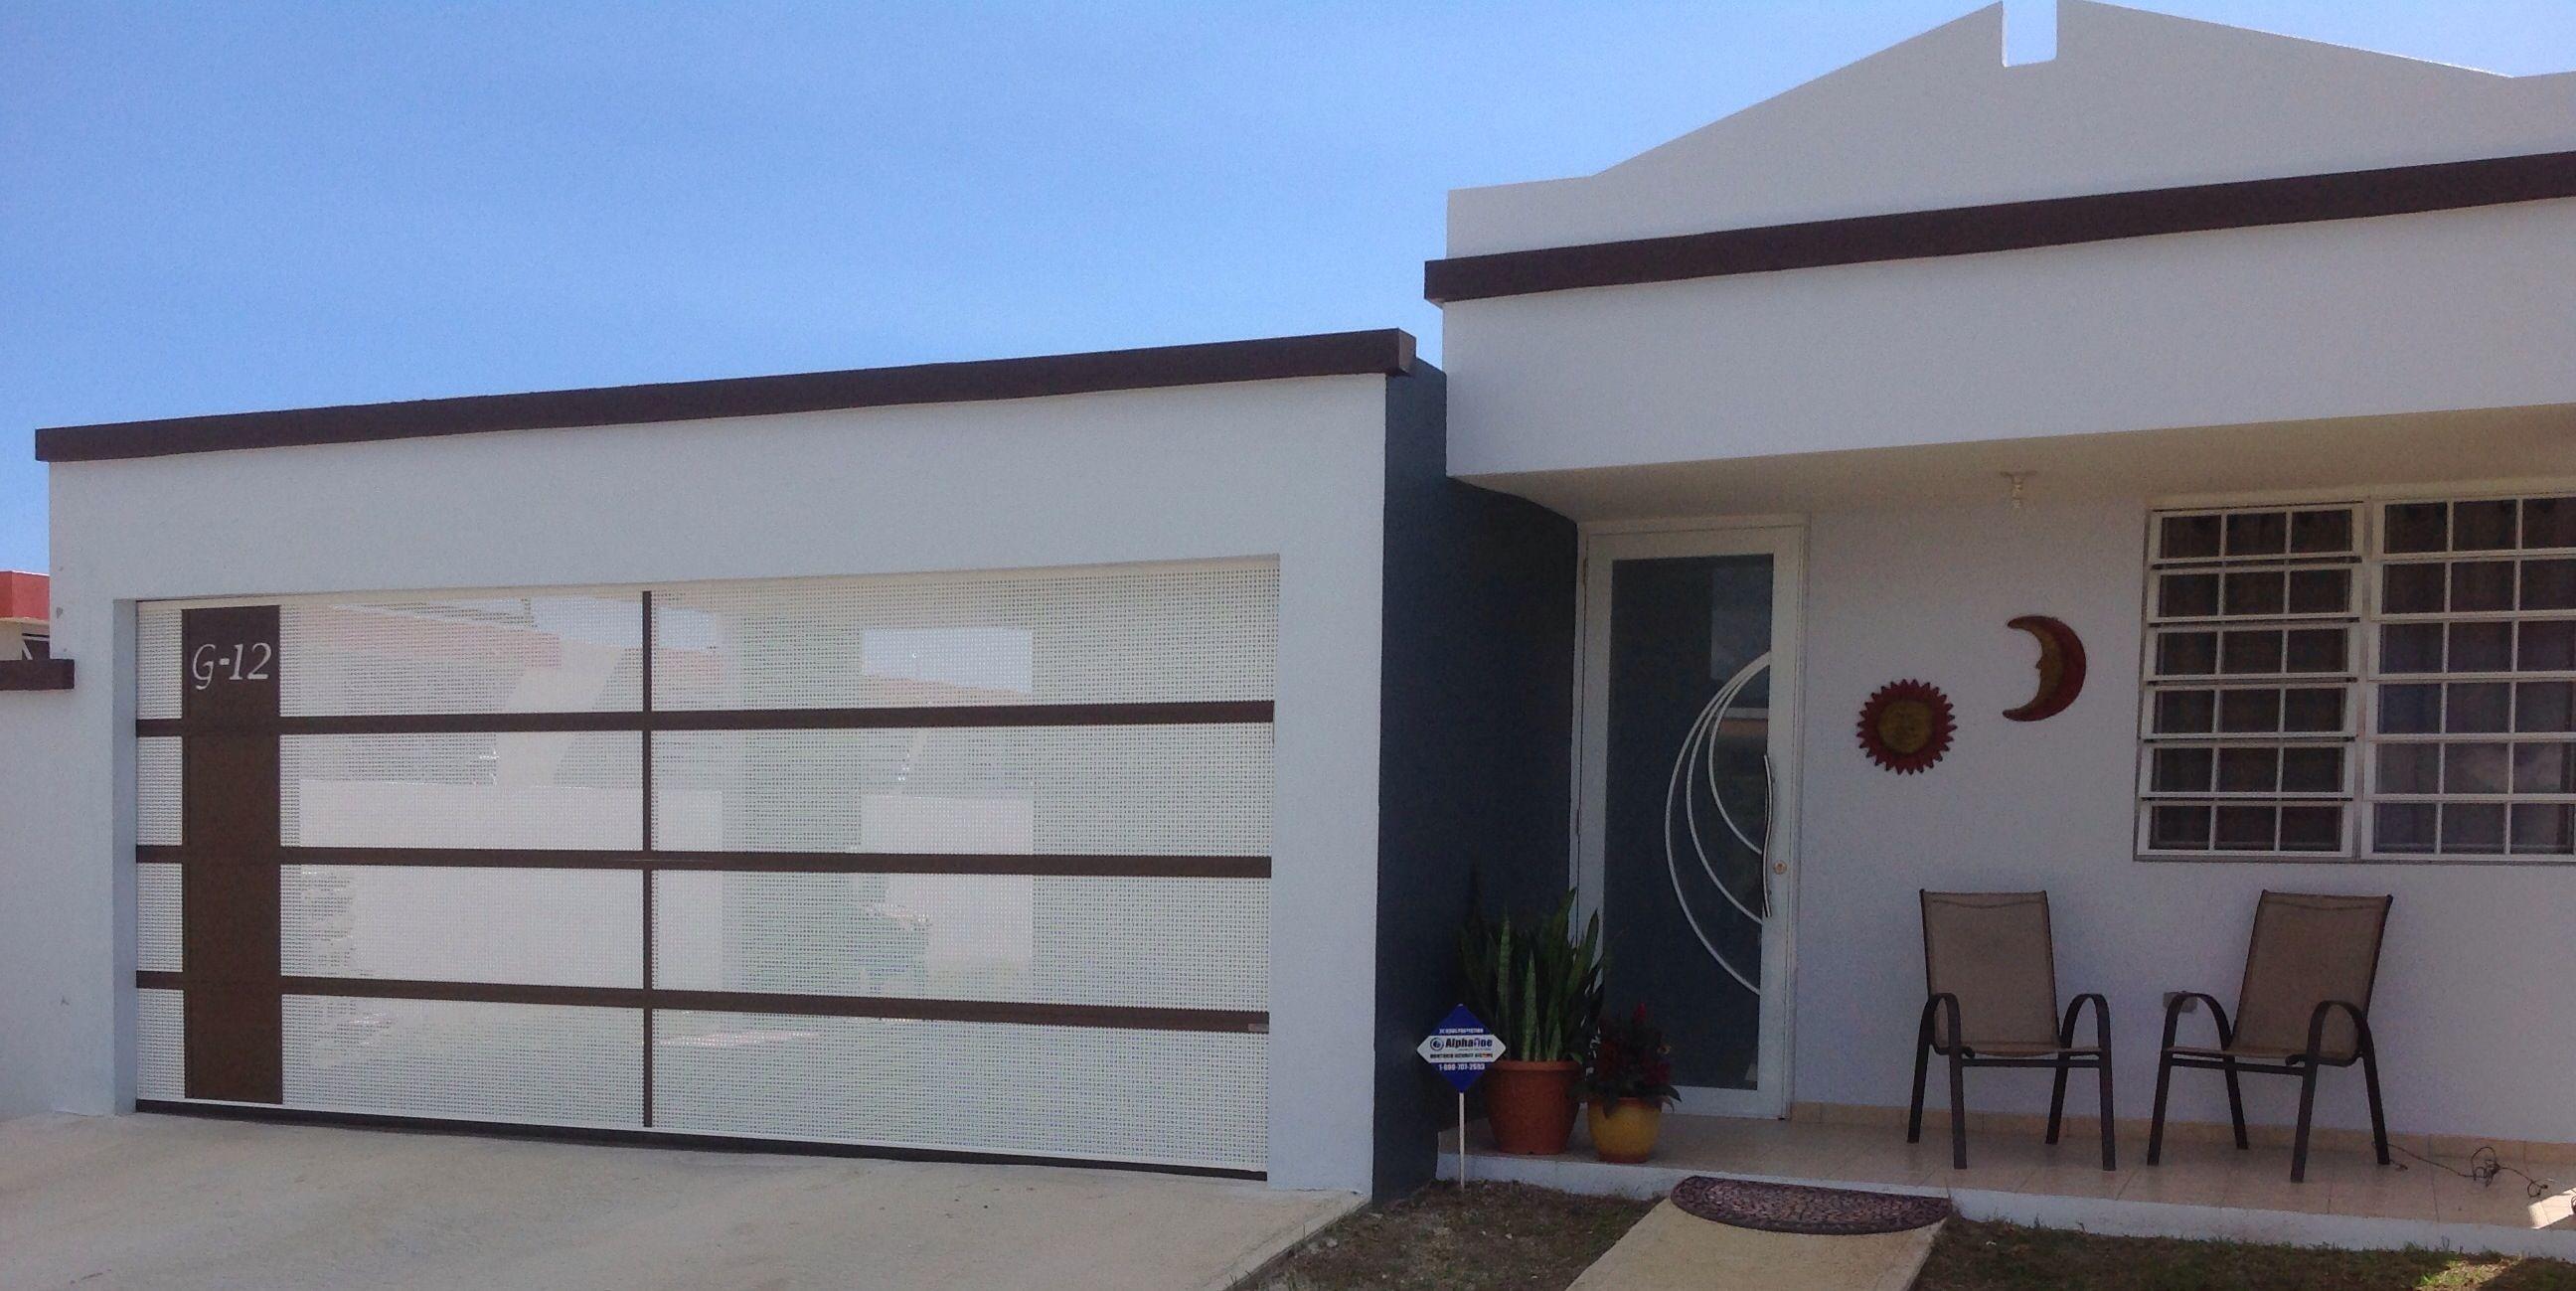 Puerta de garaje perforada dise ada al gusto del cliente - Puertas de garaje murcia ...